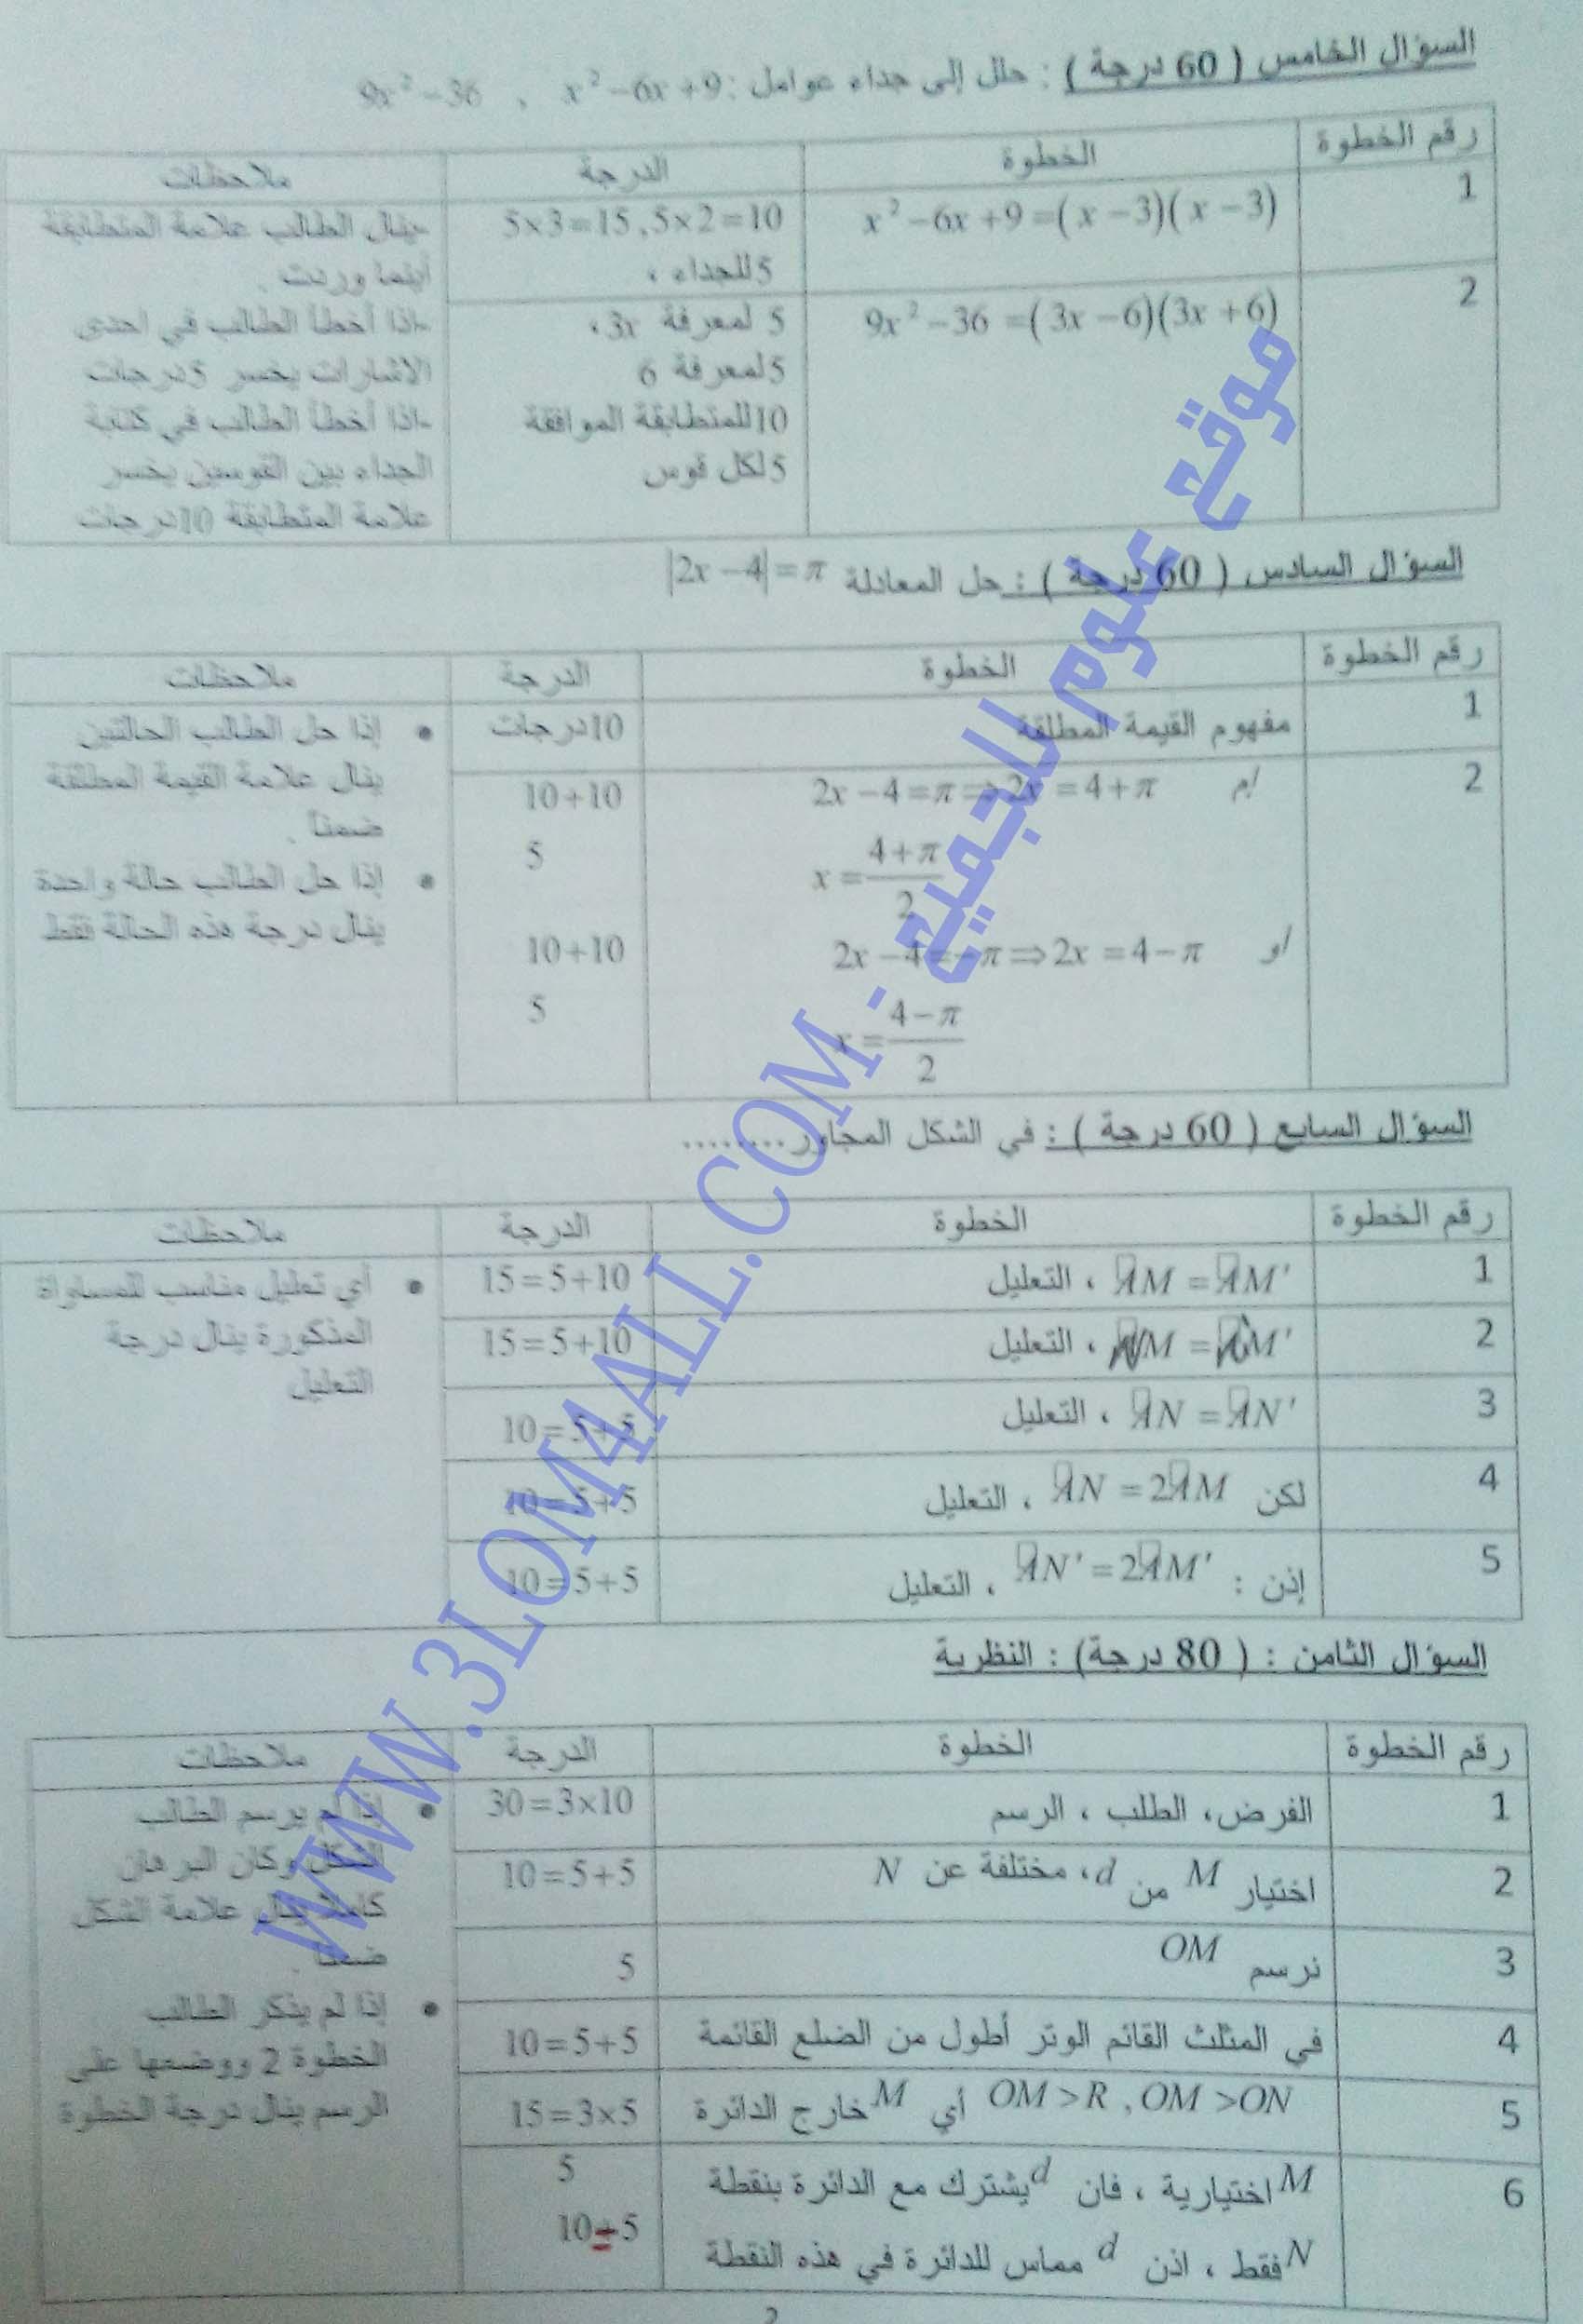 سلم تصحيح امتحان مادة الرياضيات في شهادة التعليم الأساسي دورة عام 2014